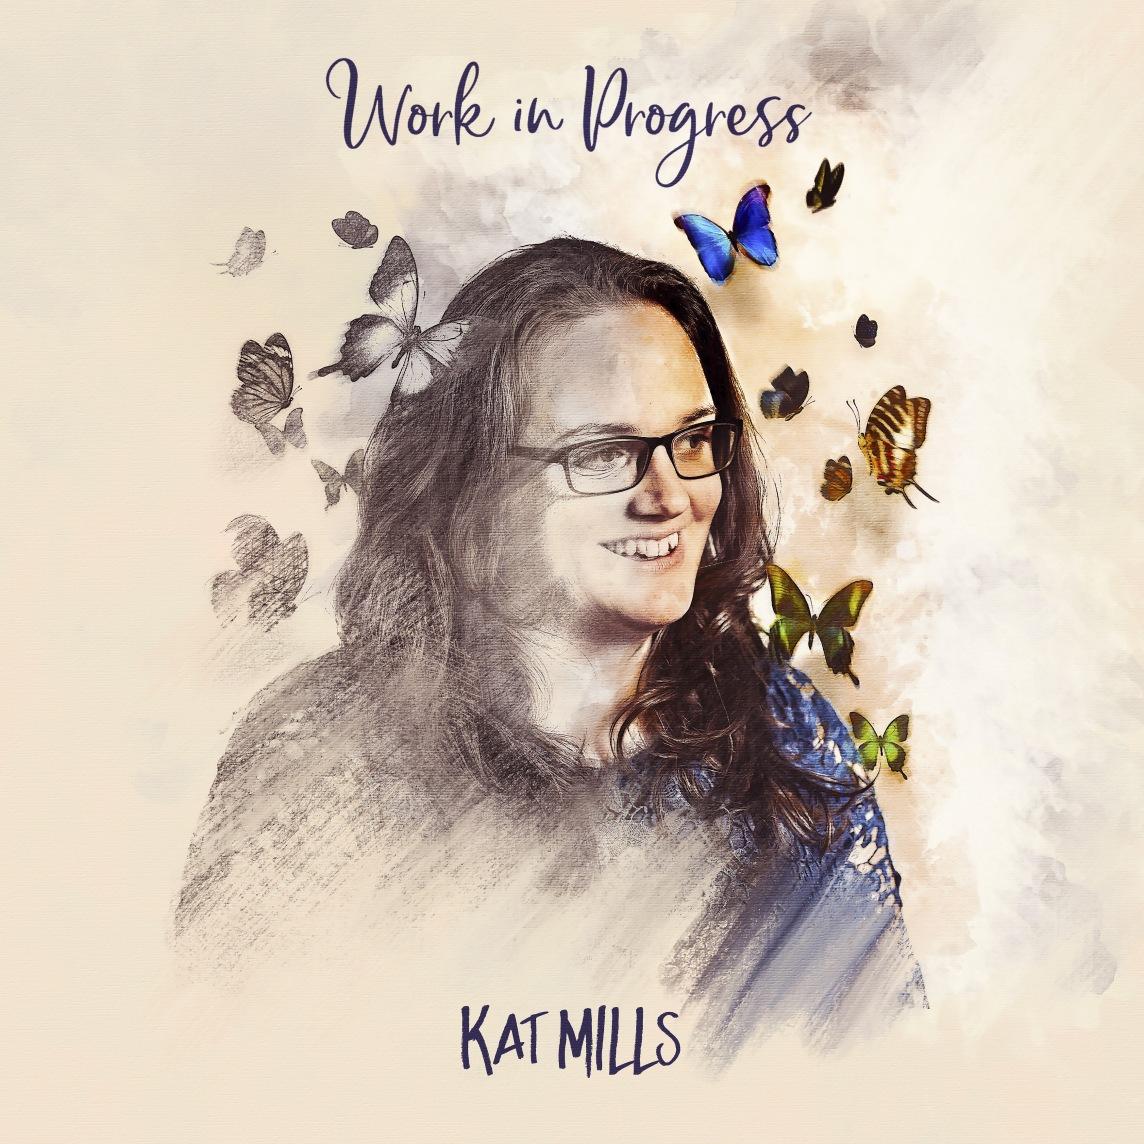 workinprogress_cover